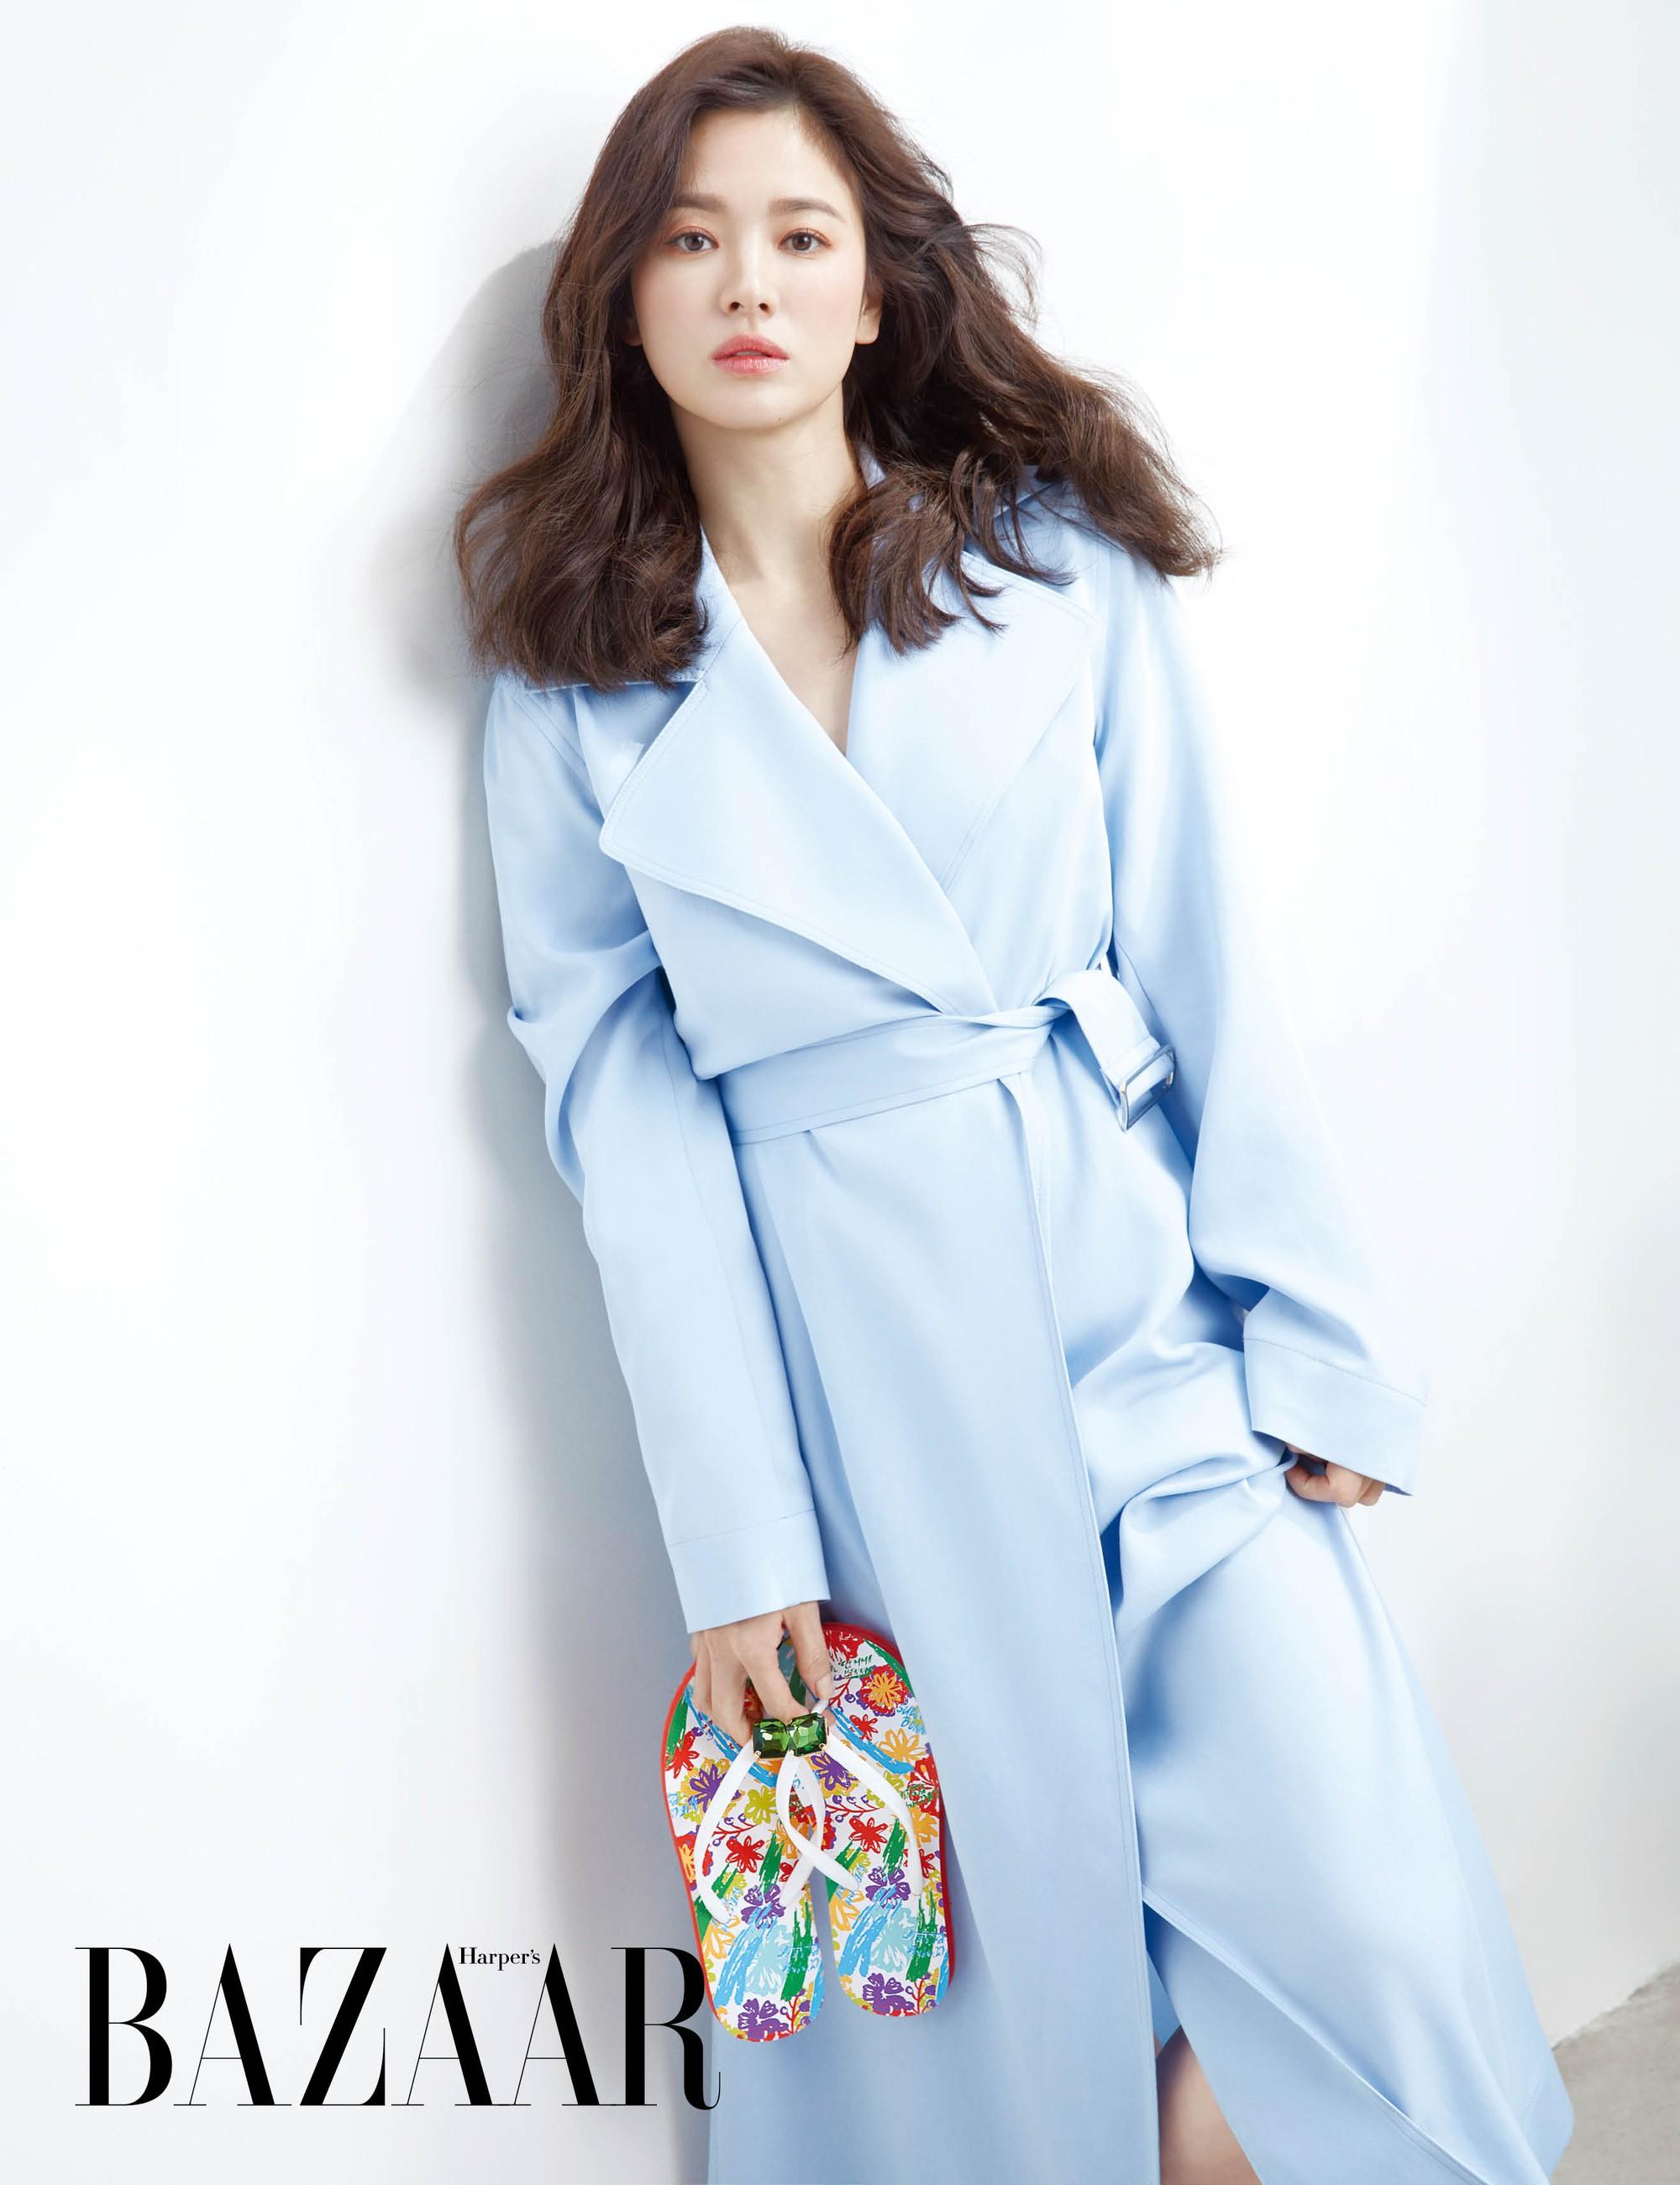 Vừa bị chê già, Song Hye Kyo dập lại bằng bộ ảnh tạp chí gây ngỡ ngàng: 38 tuổi mà trẻ đẹp, body nuột như gái 20 - Ảnh 5.